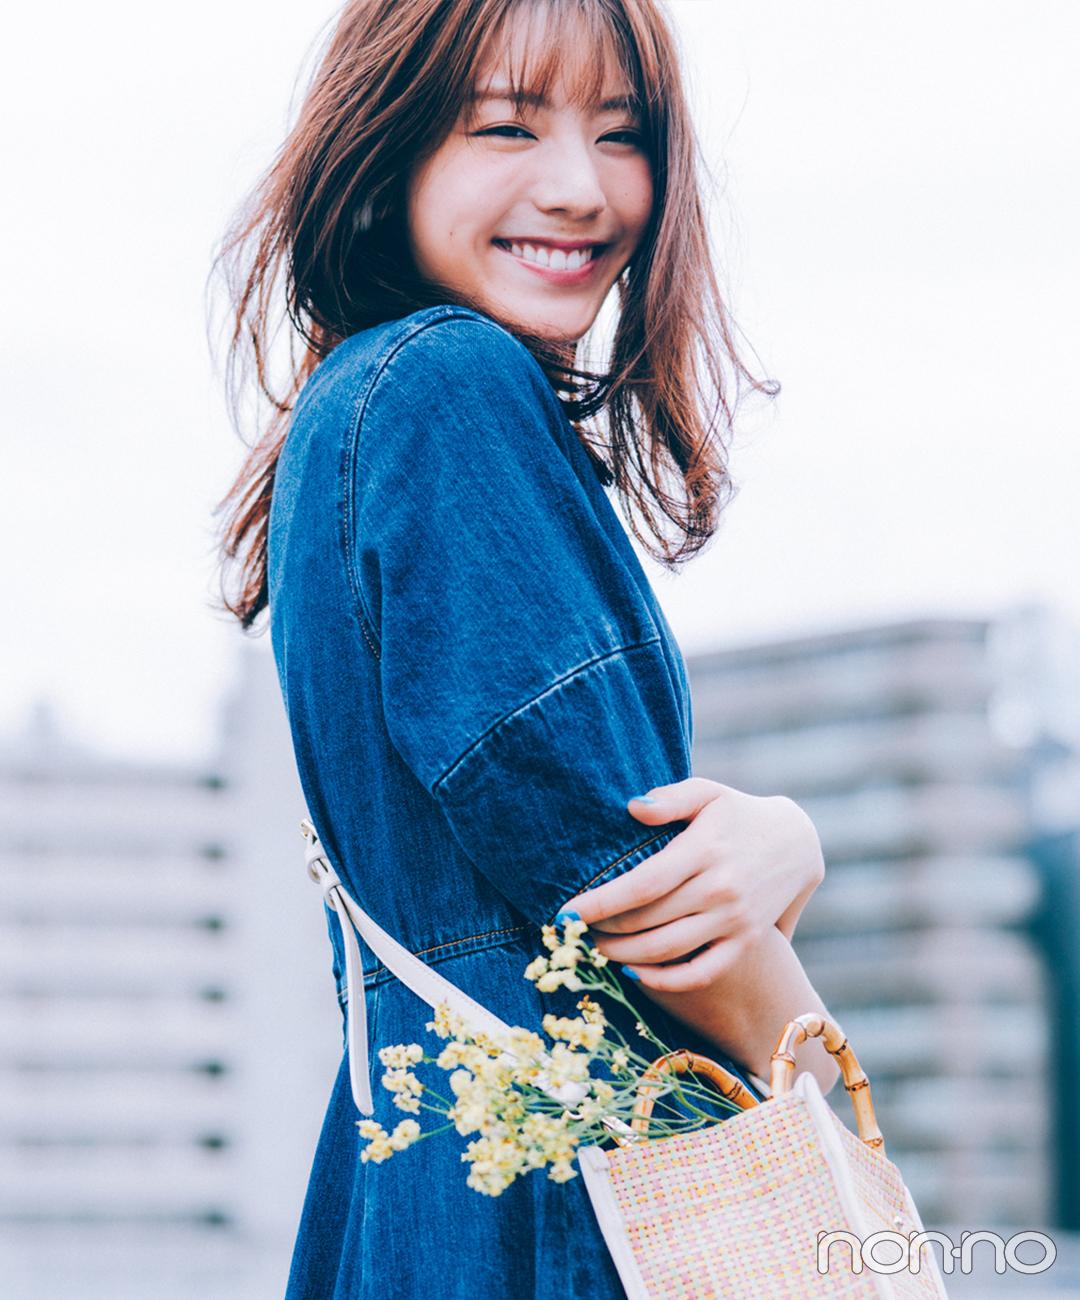 Photo Gallery 天気予報の女神&大人気モデル! 貴島明日香フォトギャラリー_1_29